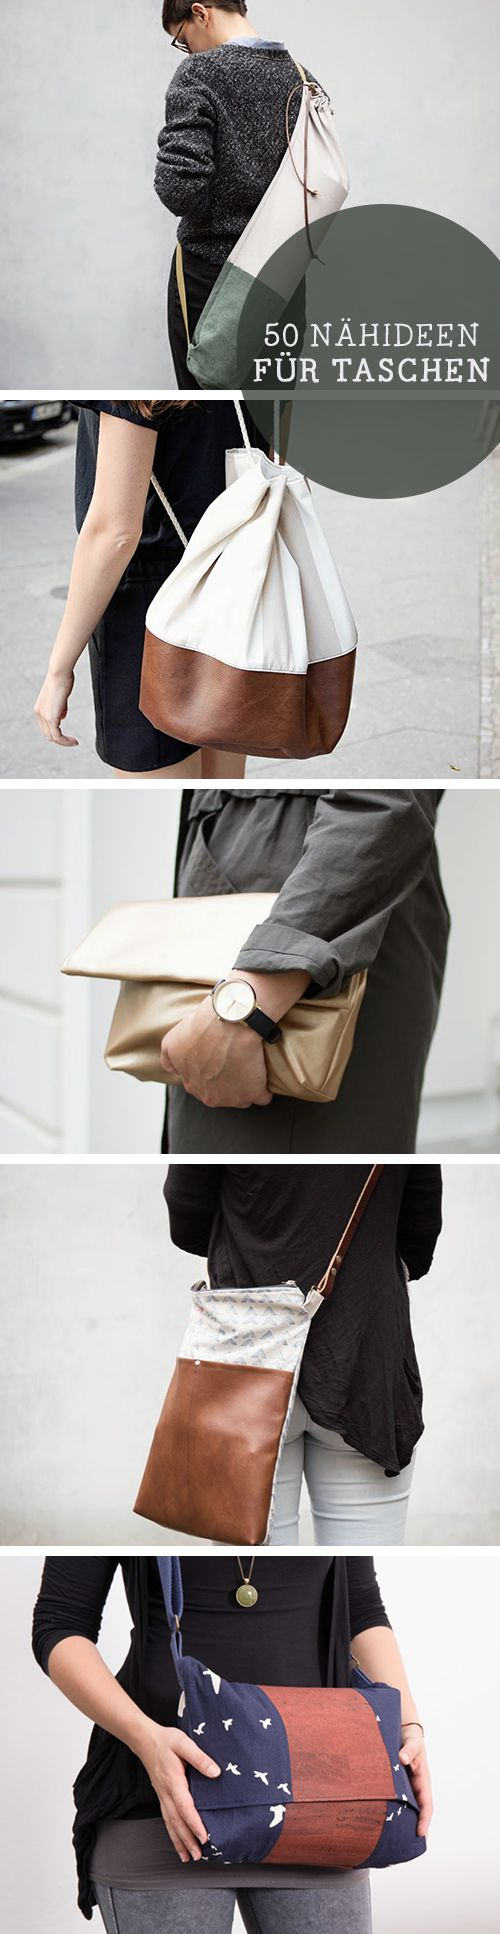 Kostenlose Anleitungen: Näh Dir Deine eigene Tasche!